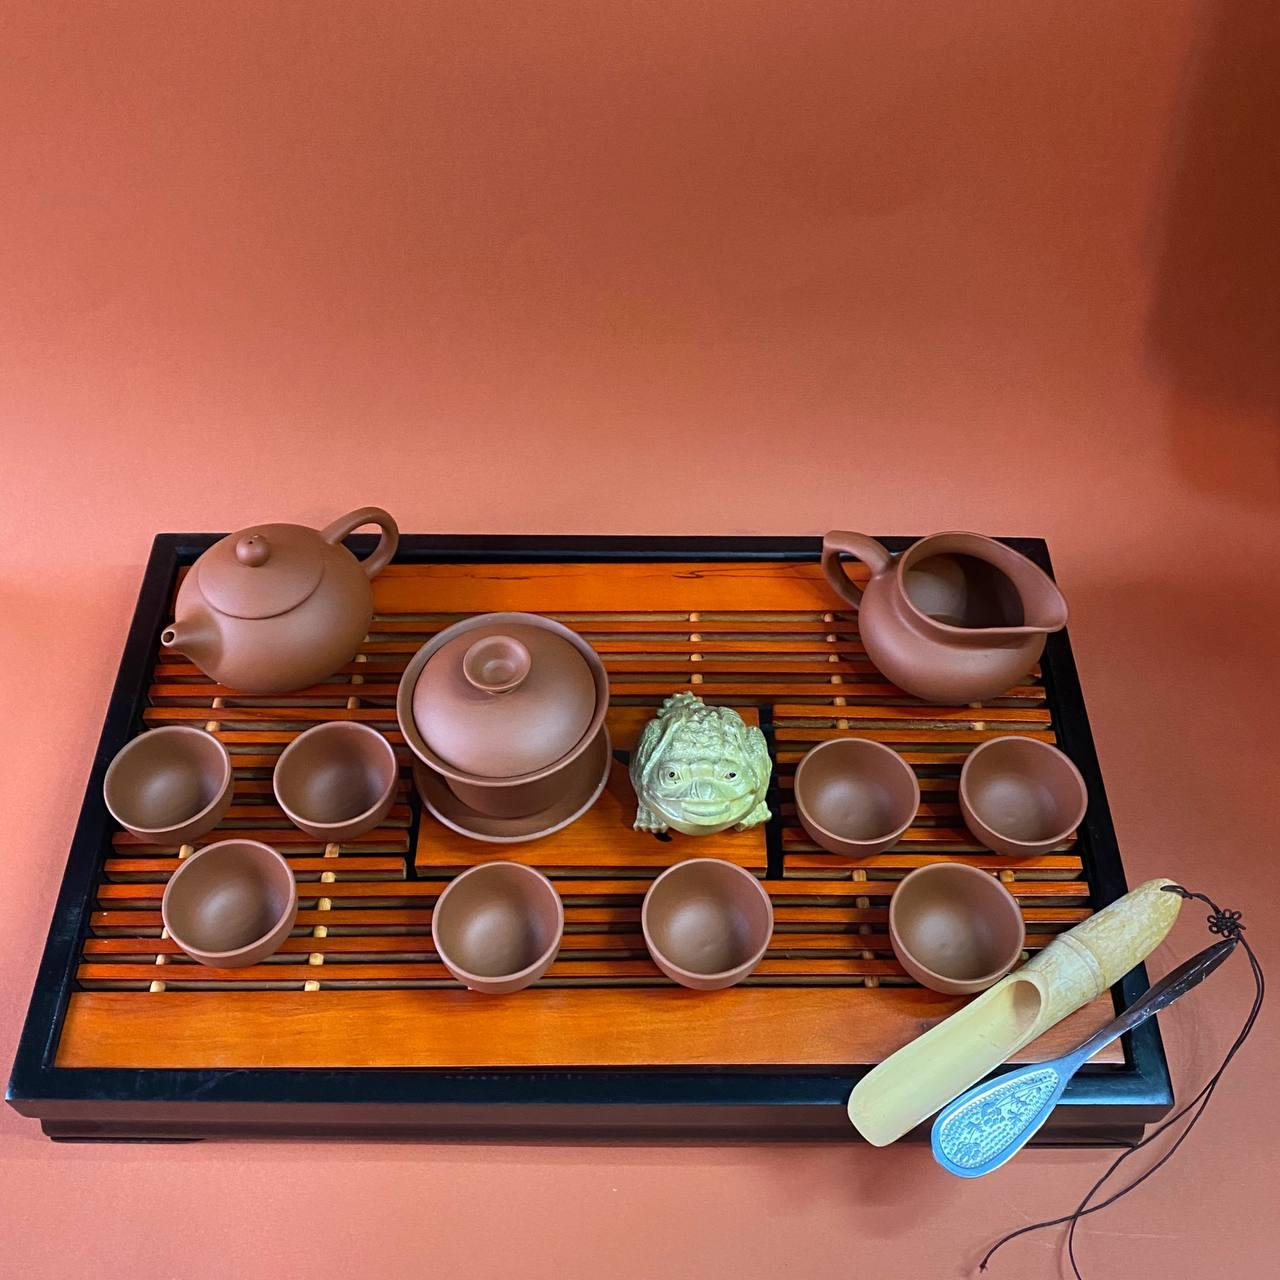 Набор посуды и аксессуаров для чайной церемонии